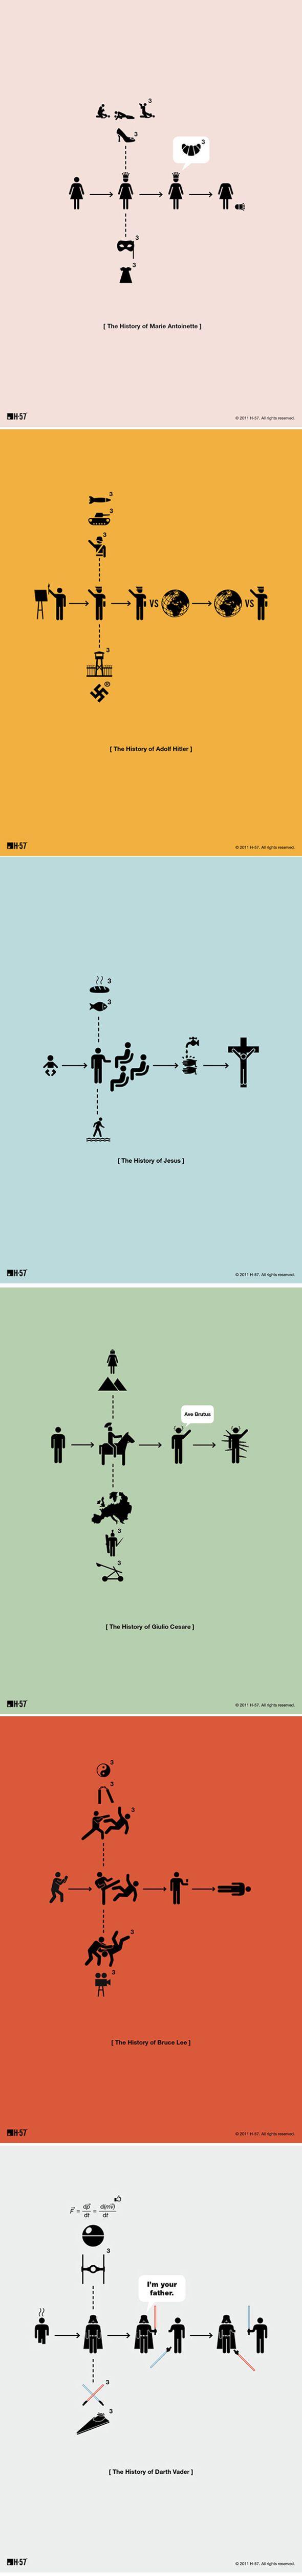 L'histoire en quelques pictogrammes    L'agence de design H-57 basée à Milan en Italie, a réalisé une série d'affiches minimalistes. Le but est d'expliquer en quelques pictogrammes la vie de personnages célèbres. Une histoire simplifiée, bourrée de clins d'œil et d'humour. Voila une série d'affiches que j'affectionne tout particulièrement.